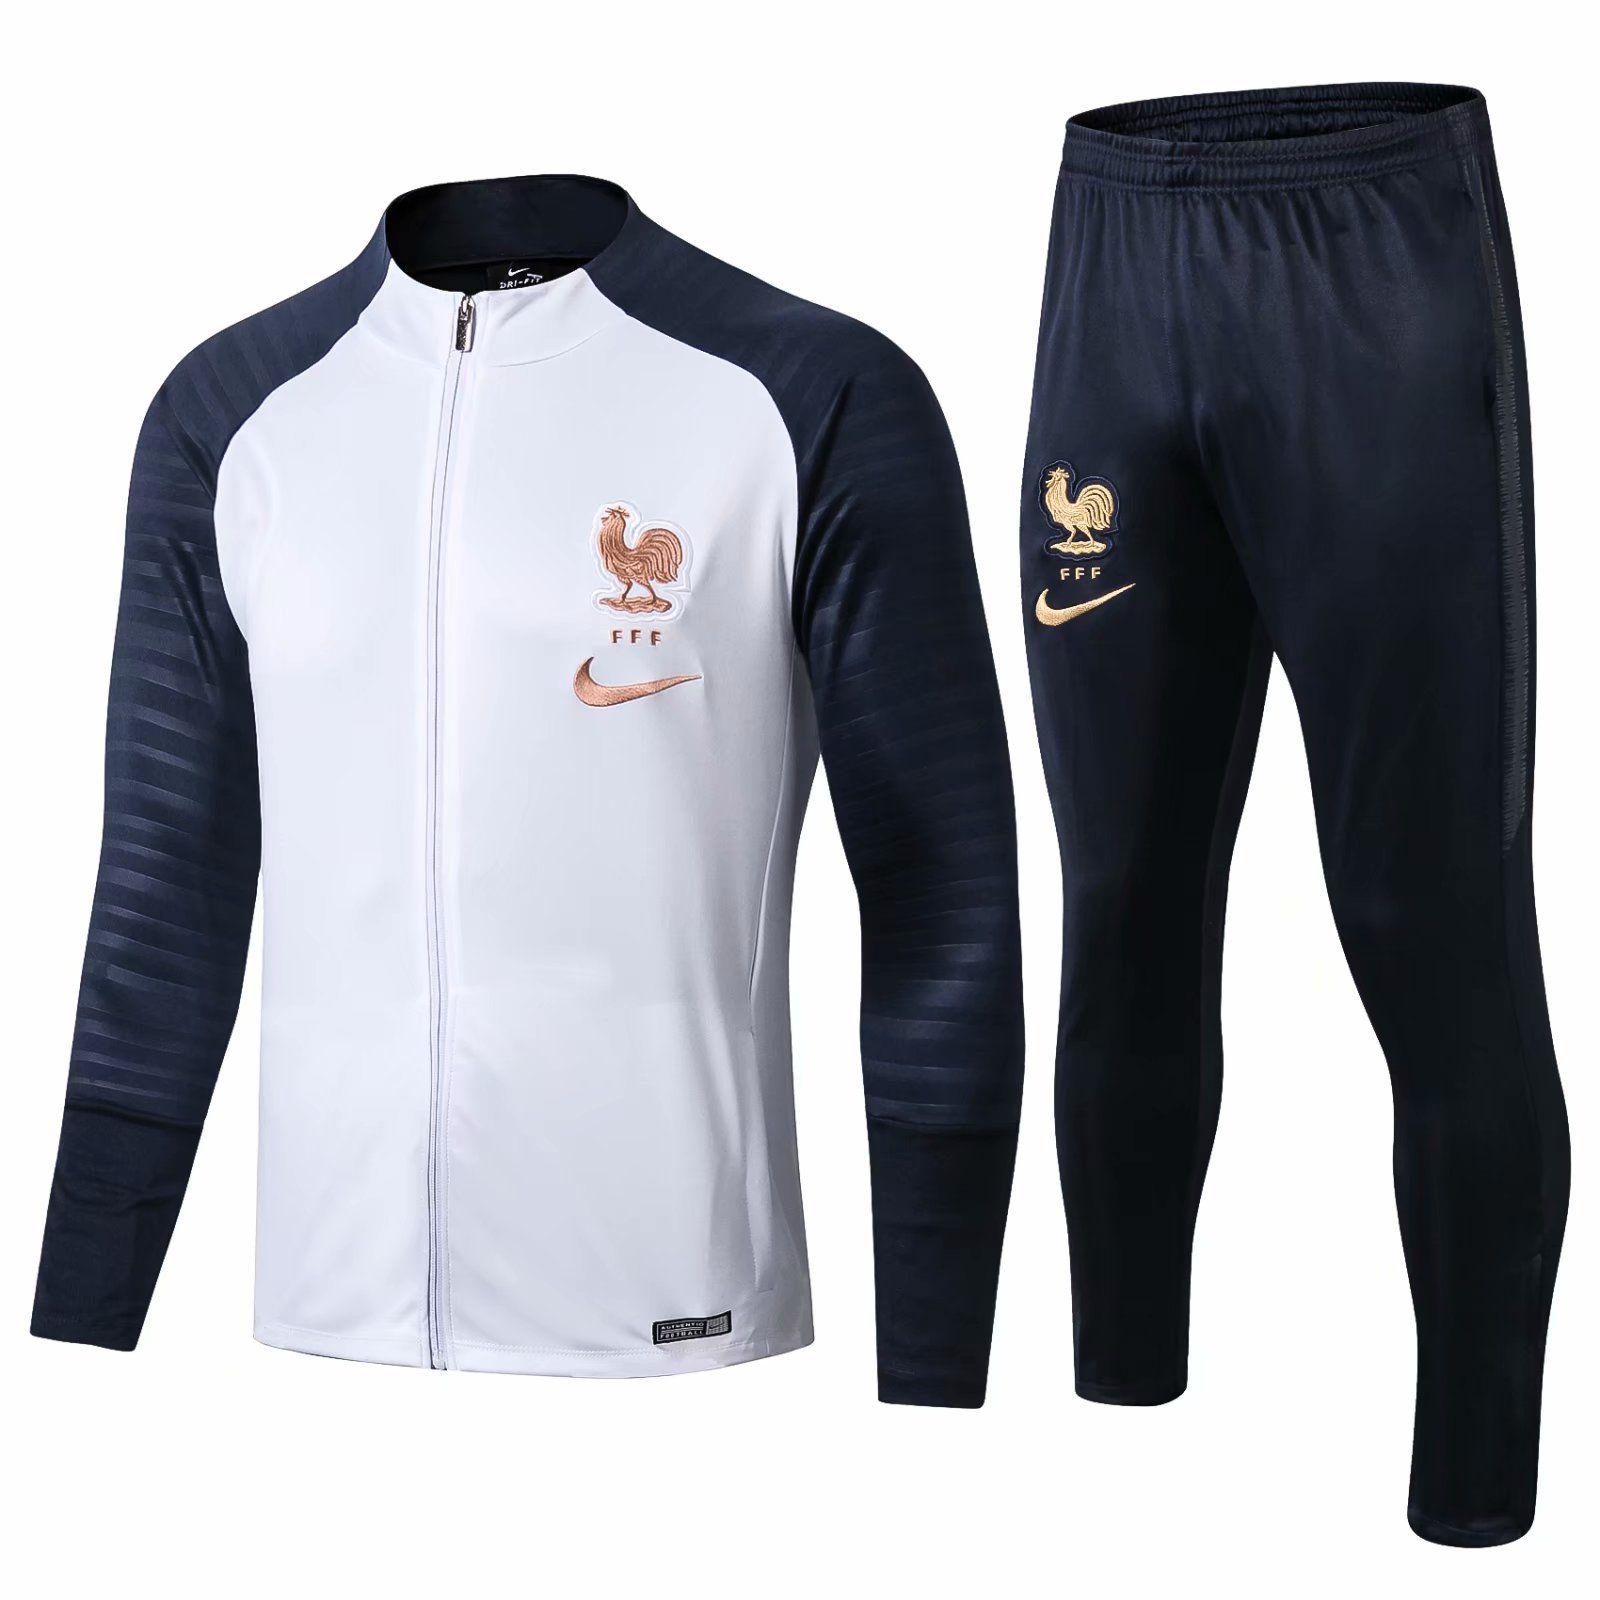 Бестселлеры 19 20 Национальная команда 2 звезды Спортивная куртка Мбапе Спортивные костюмы Griezmann Jogging Jerseys Giroud POGBA maillots de football